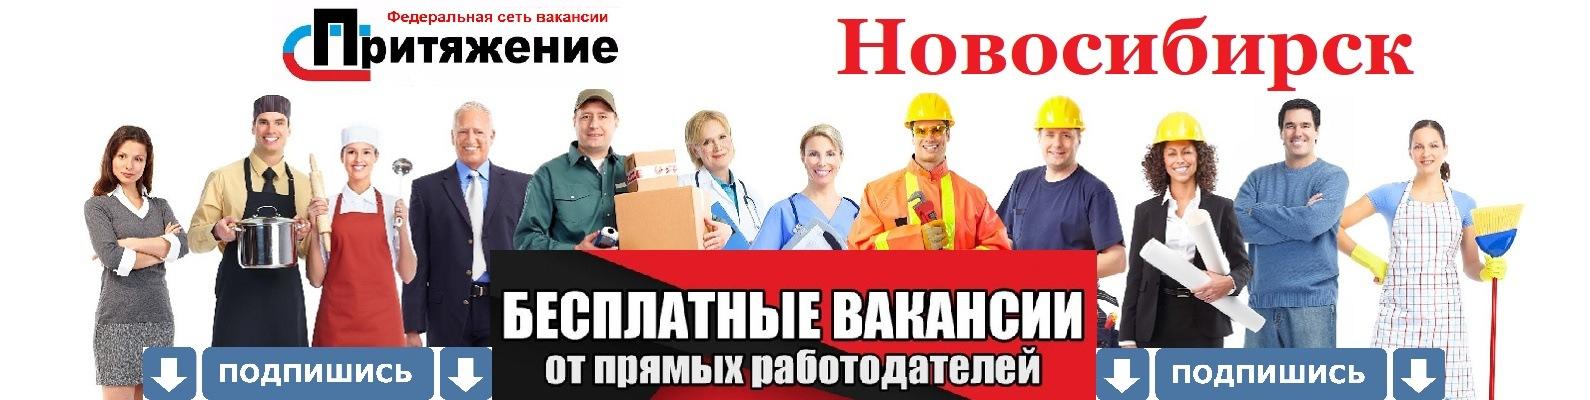 Вакансии удаленная работа ростов-на-дону вакансии от прямых работодателей python удалённая работа минск